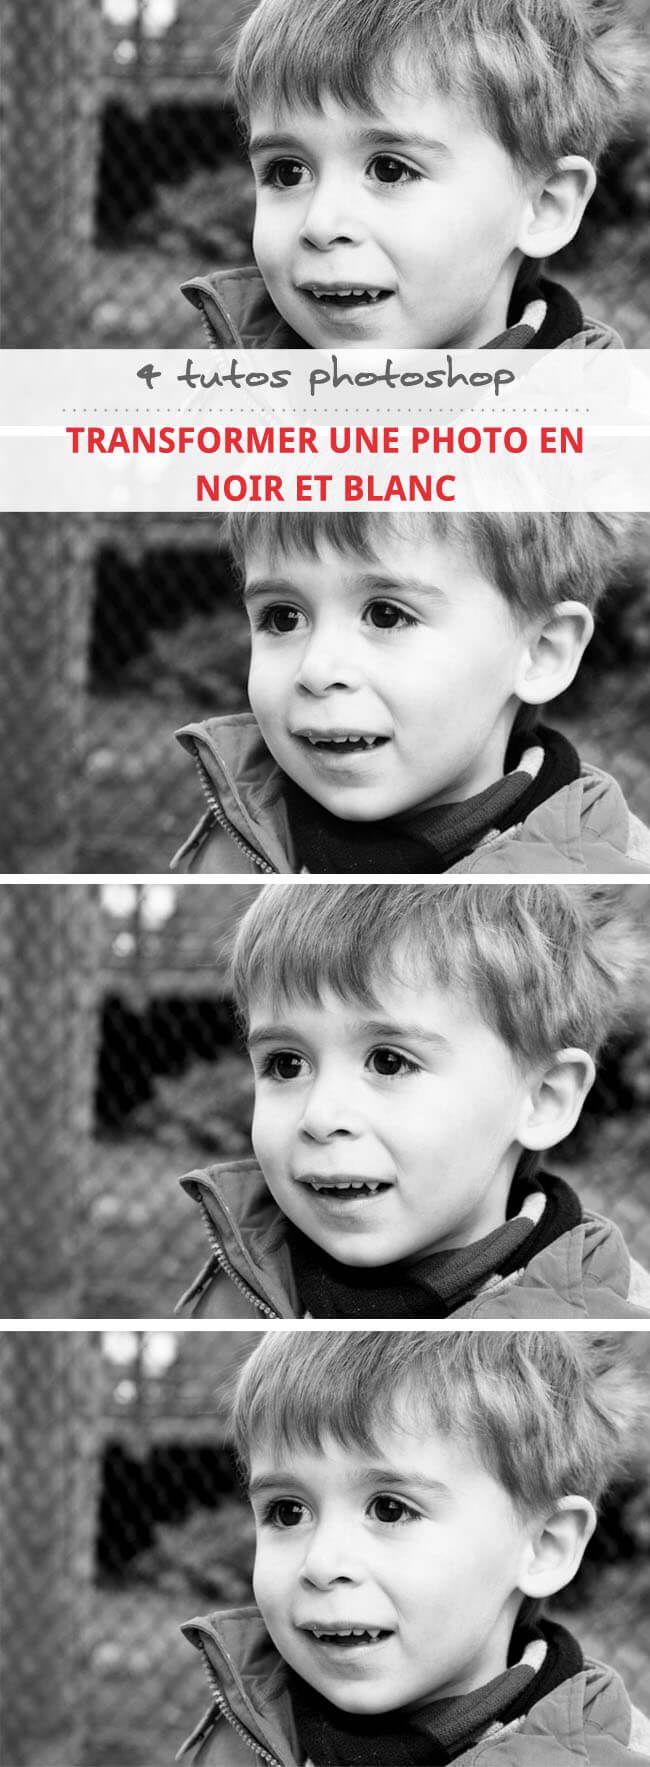 Découvrez 4 tutoriels pour transformer facilement vos photos couleurs en noir et blanc avec photoshop.